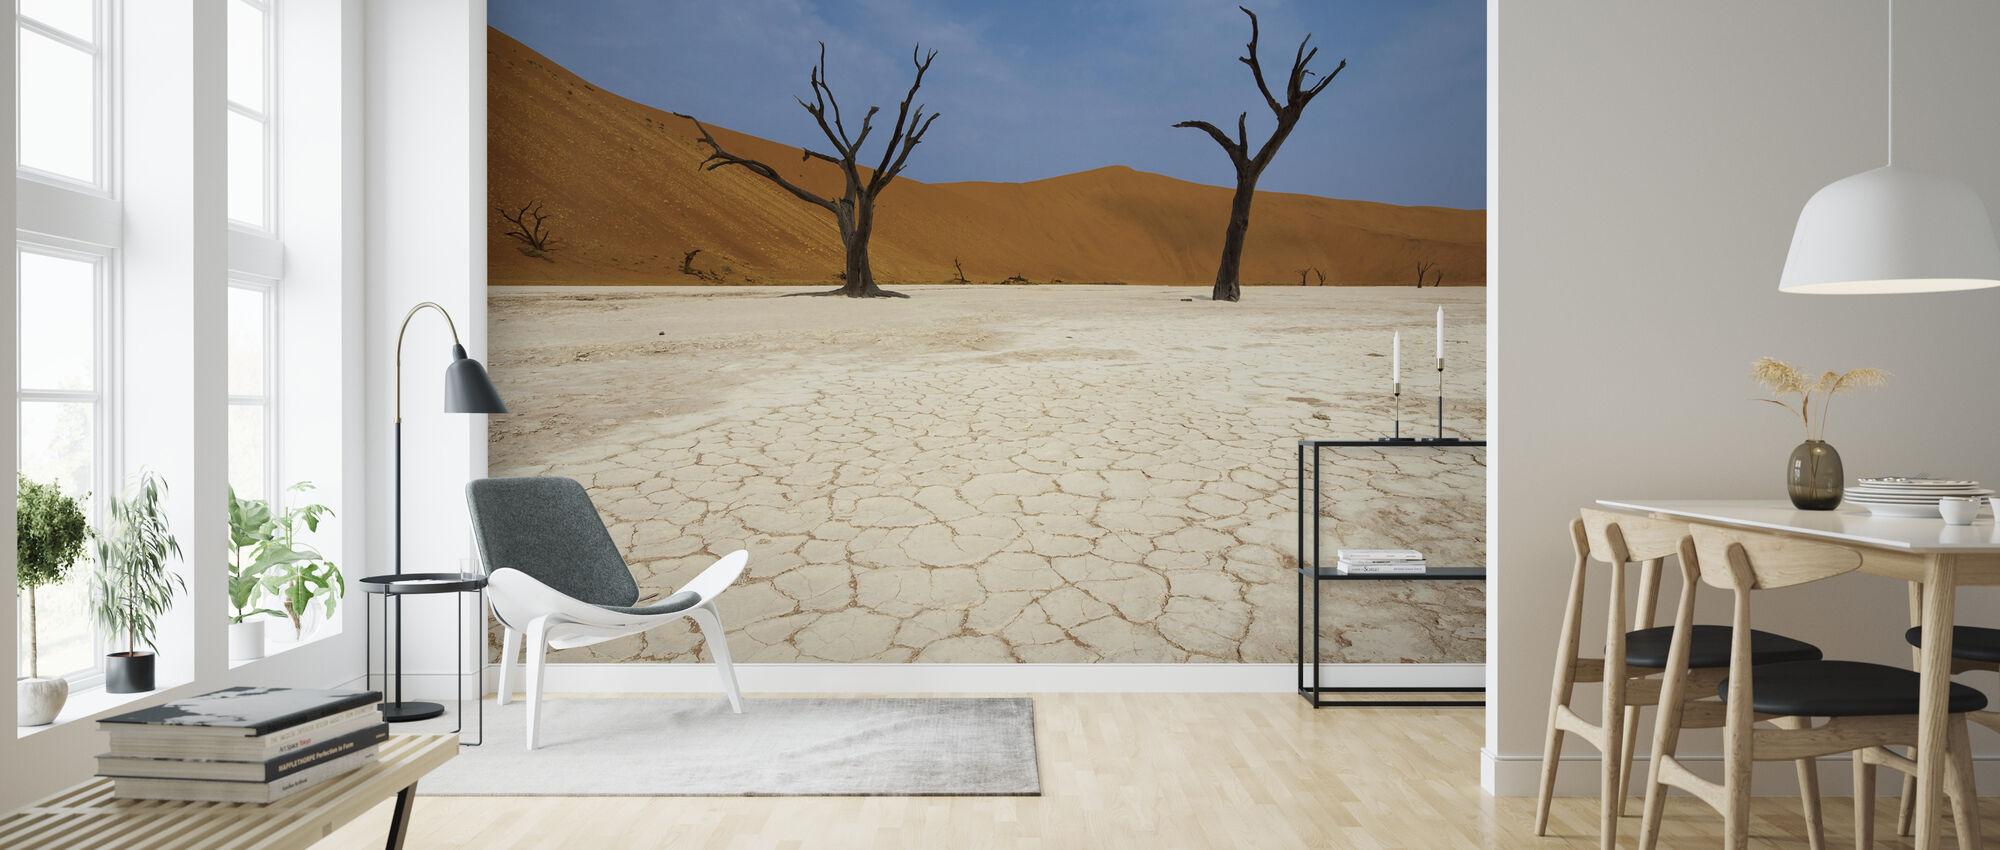 Deadvlei, Namibia - Wallpaper - Living Room